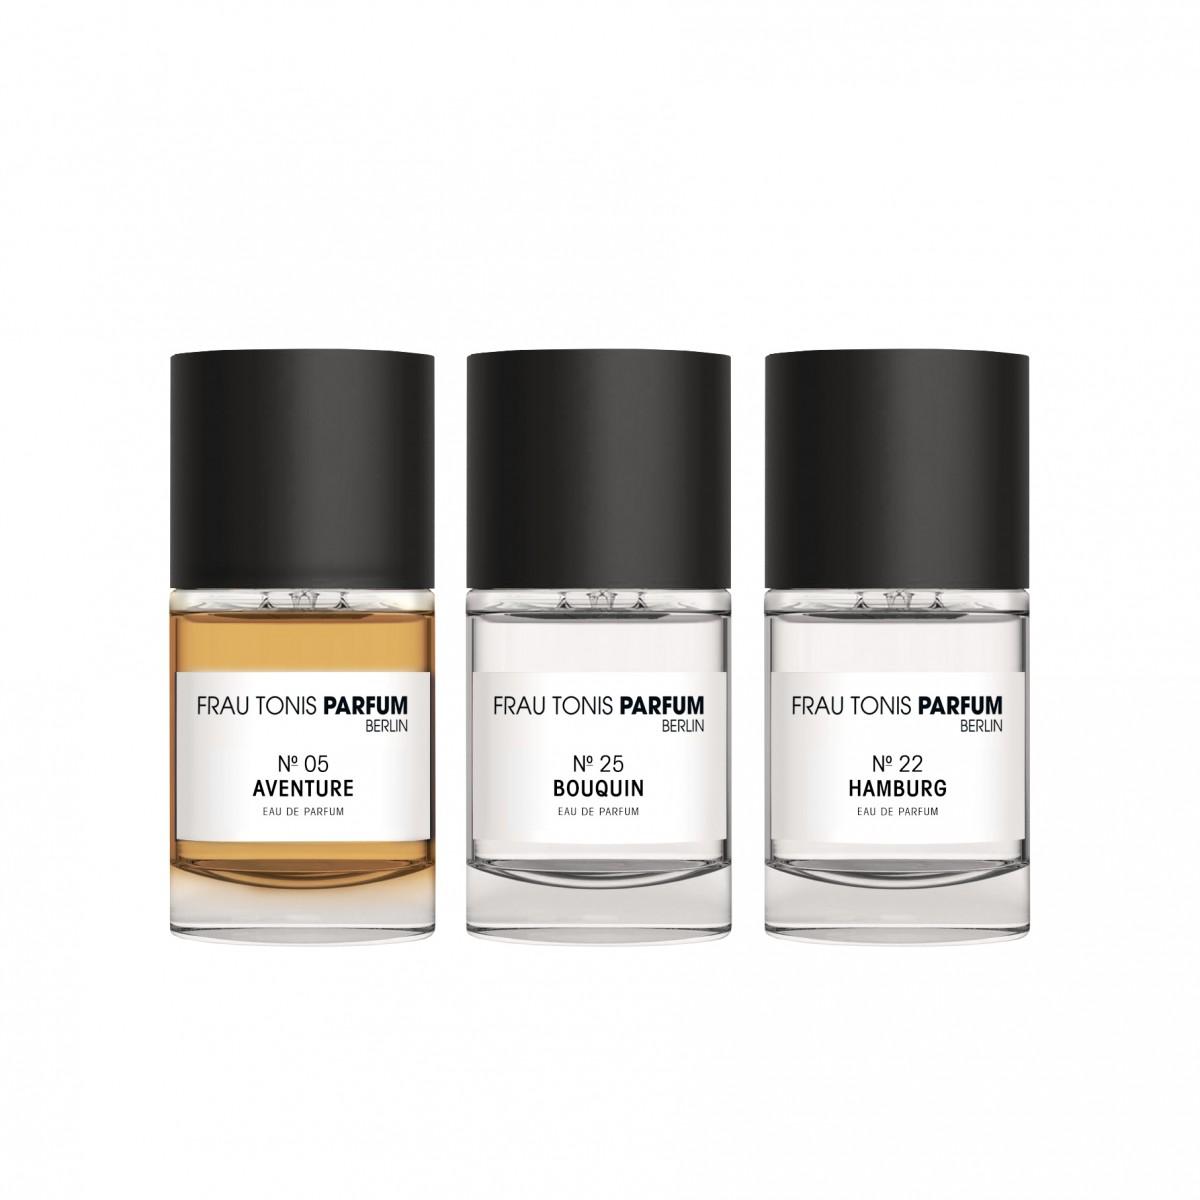 Duft-Box Gentlemen (3 x 15 ml) by Frau Tonis Parfum